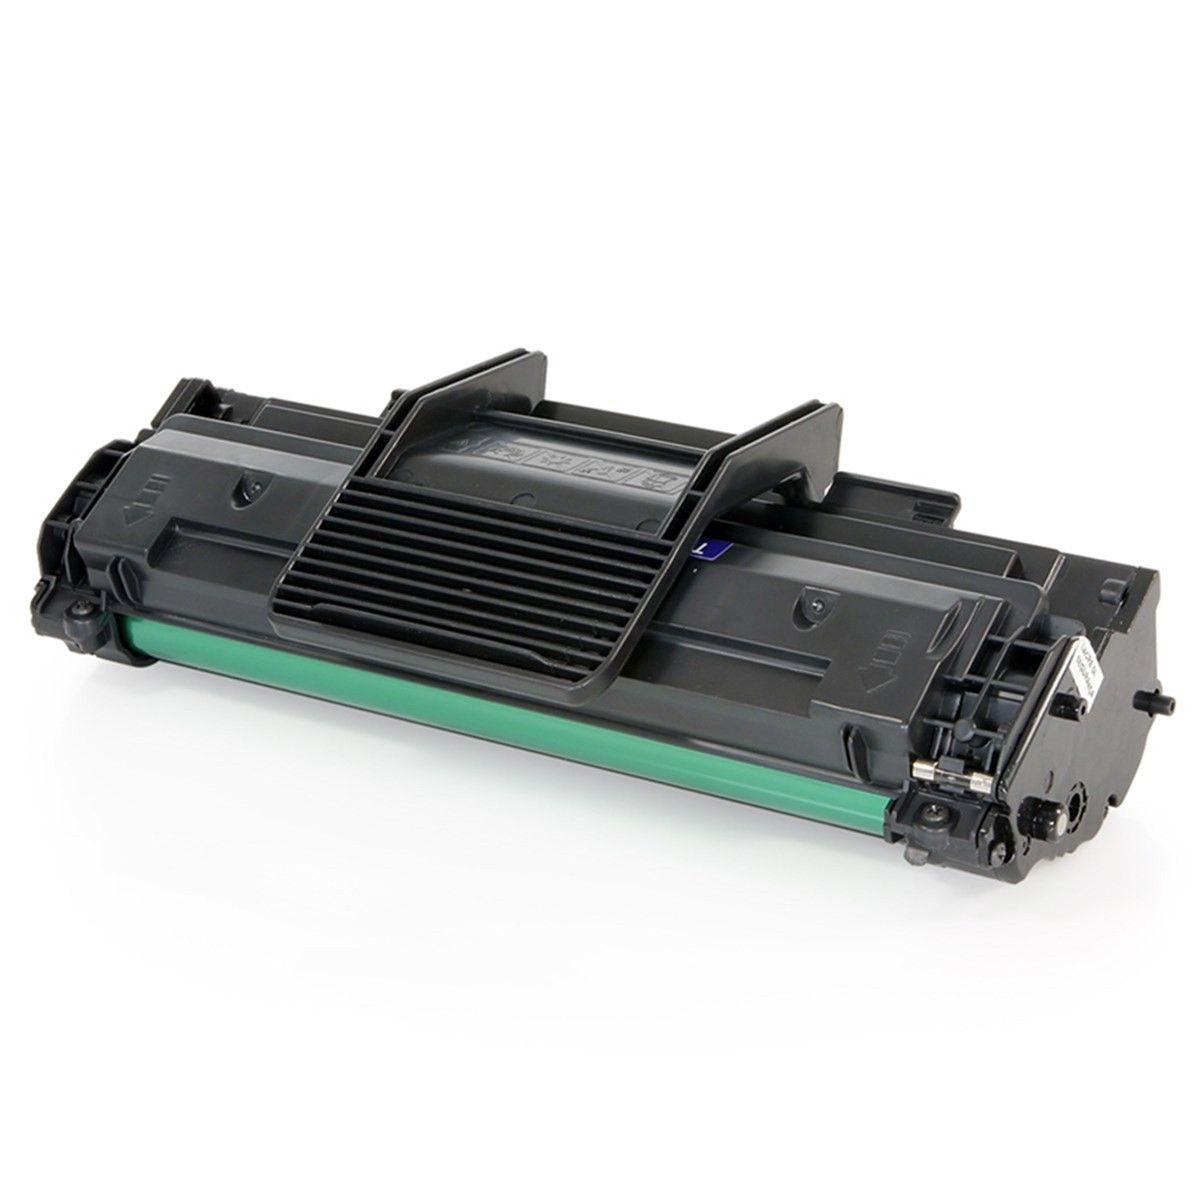 Toner compatível com SAMSUNG ML2010D3 Black 3.000 Páginas - Cartucho & Cia